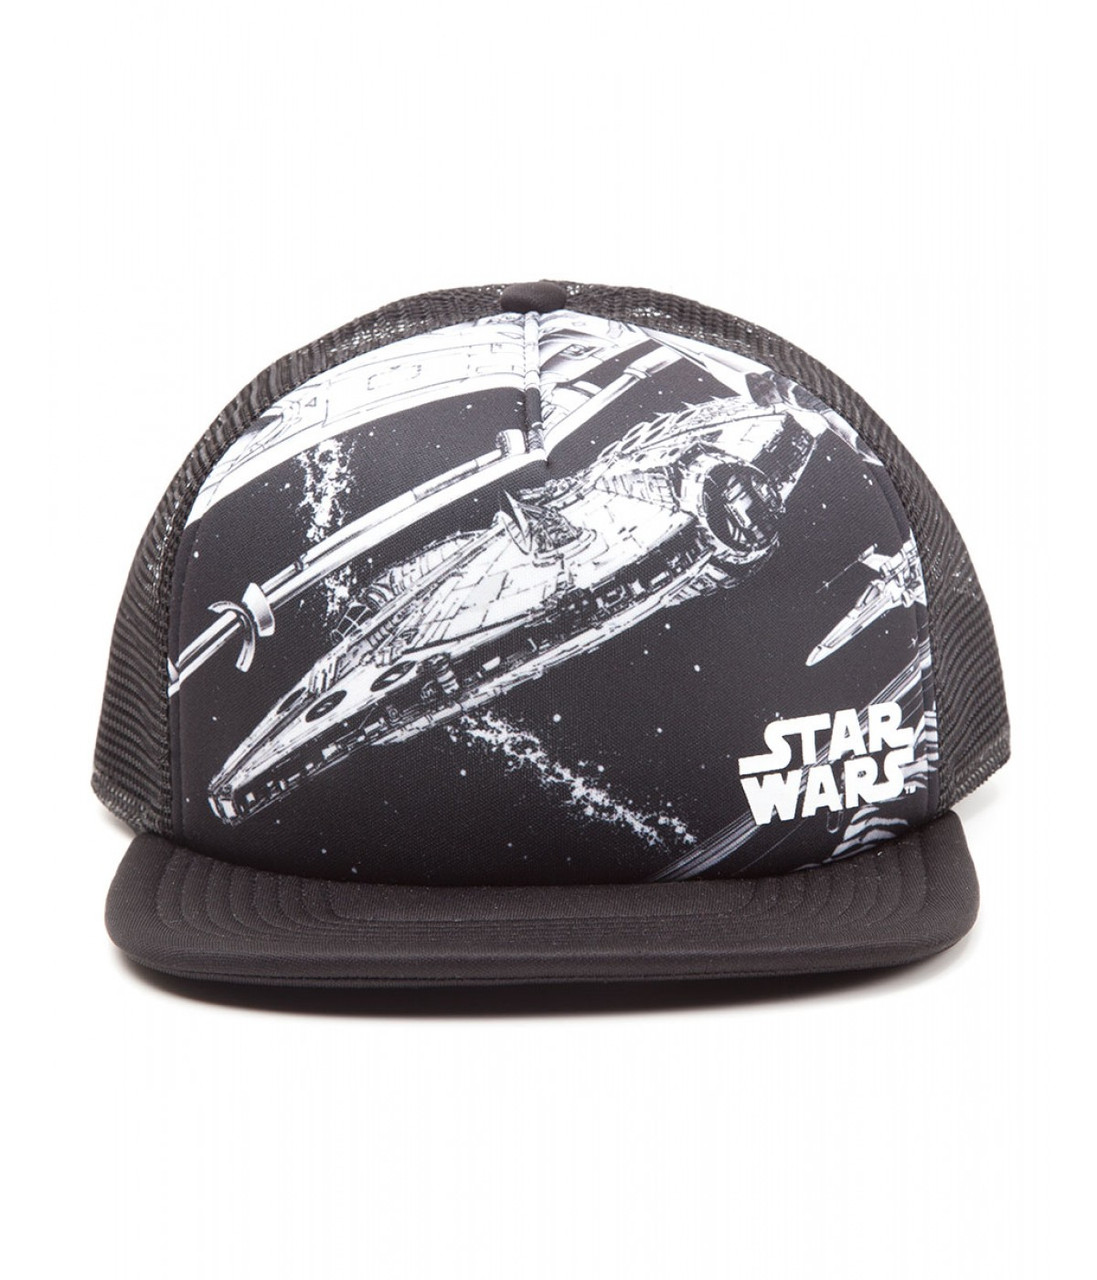 Офіційний снепбек Star Wars - Millennium Falcon Snapback